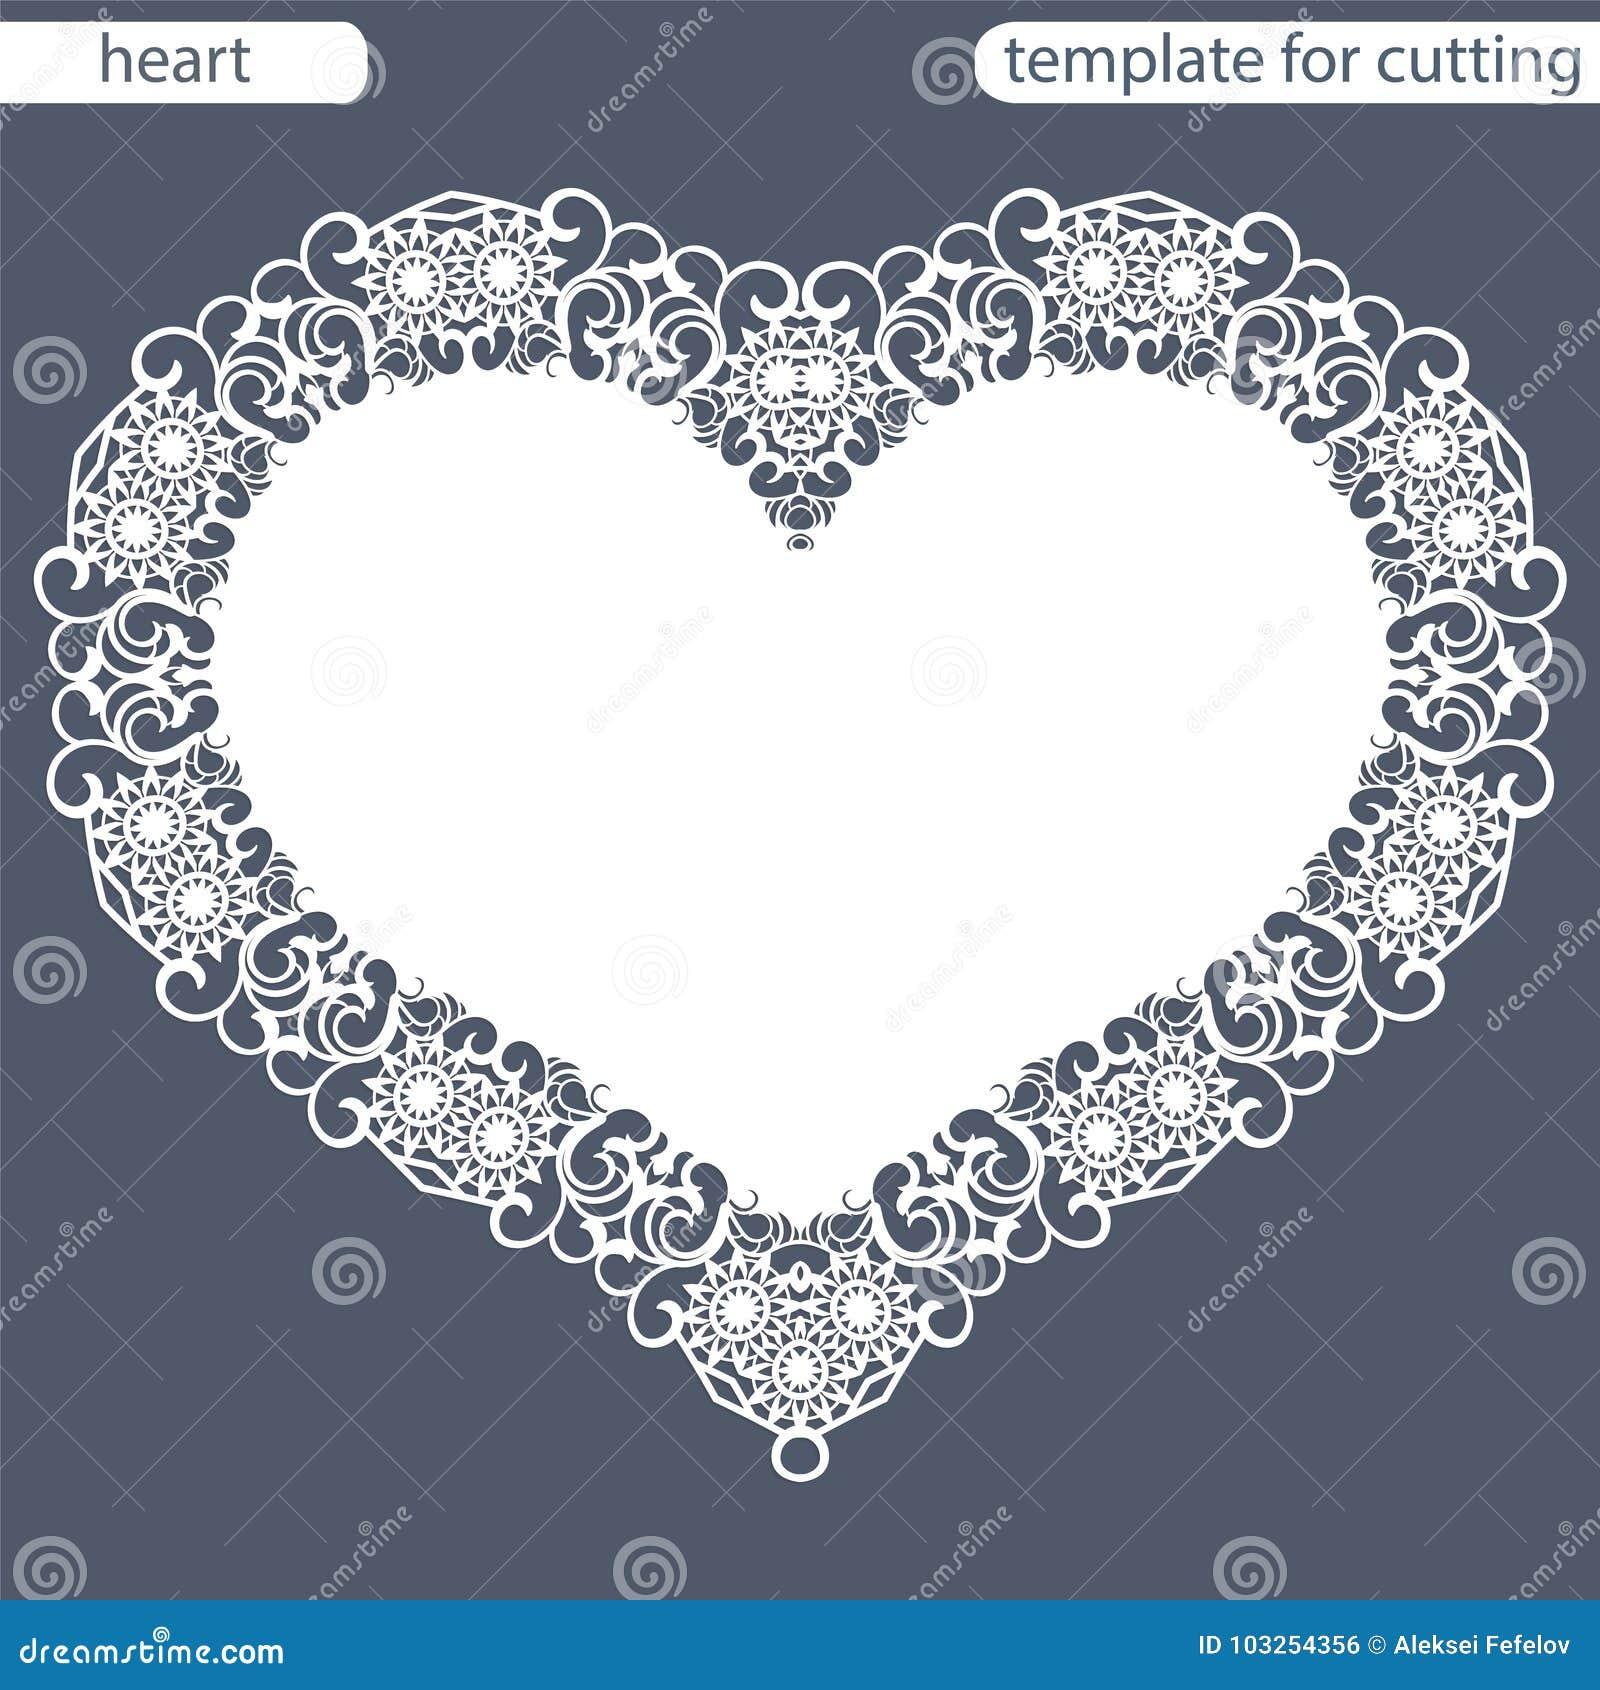 Grußkarte mit openwork Grenze, Papierdoily unter dem Kuchen, Schablone für den Schnitt in Form von Herzen, Valentinsgrußkarte, we